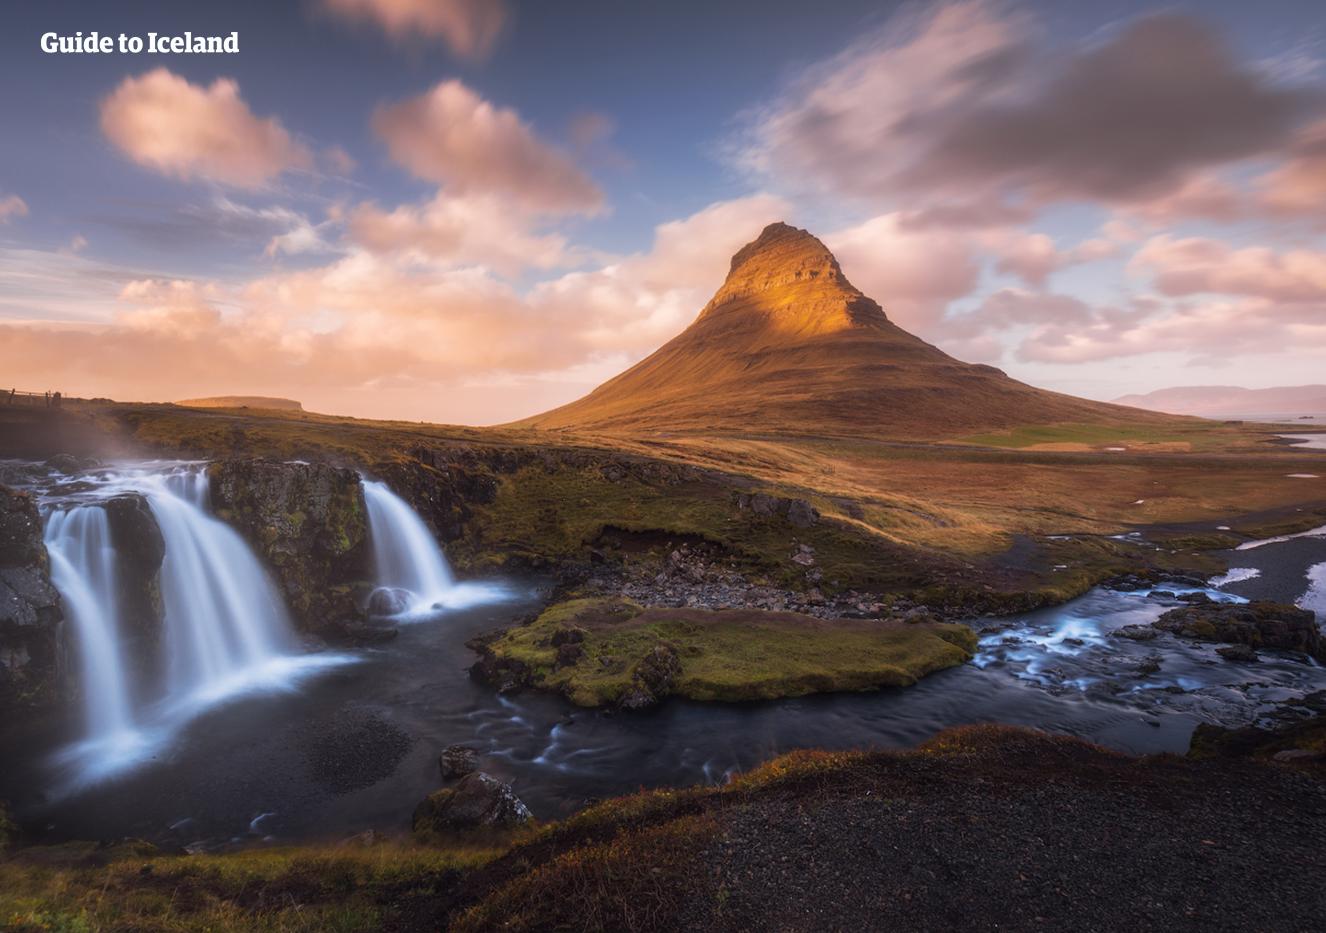 På Snæfellsnes-halvøens nordlige kyst finder besøgende Kirkjufell-bjerget, et populært sted for turister og erfarne klatrere.